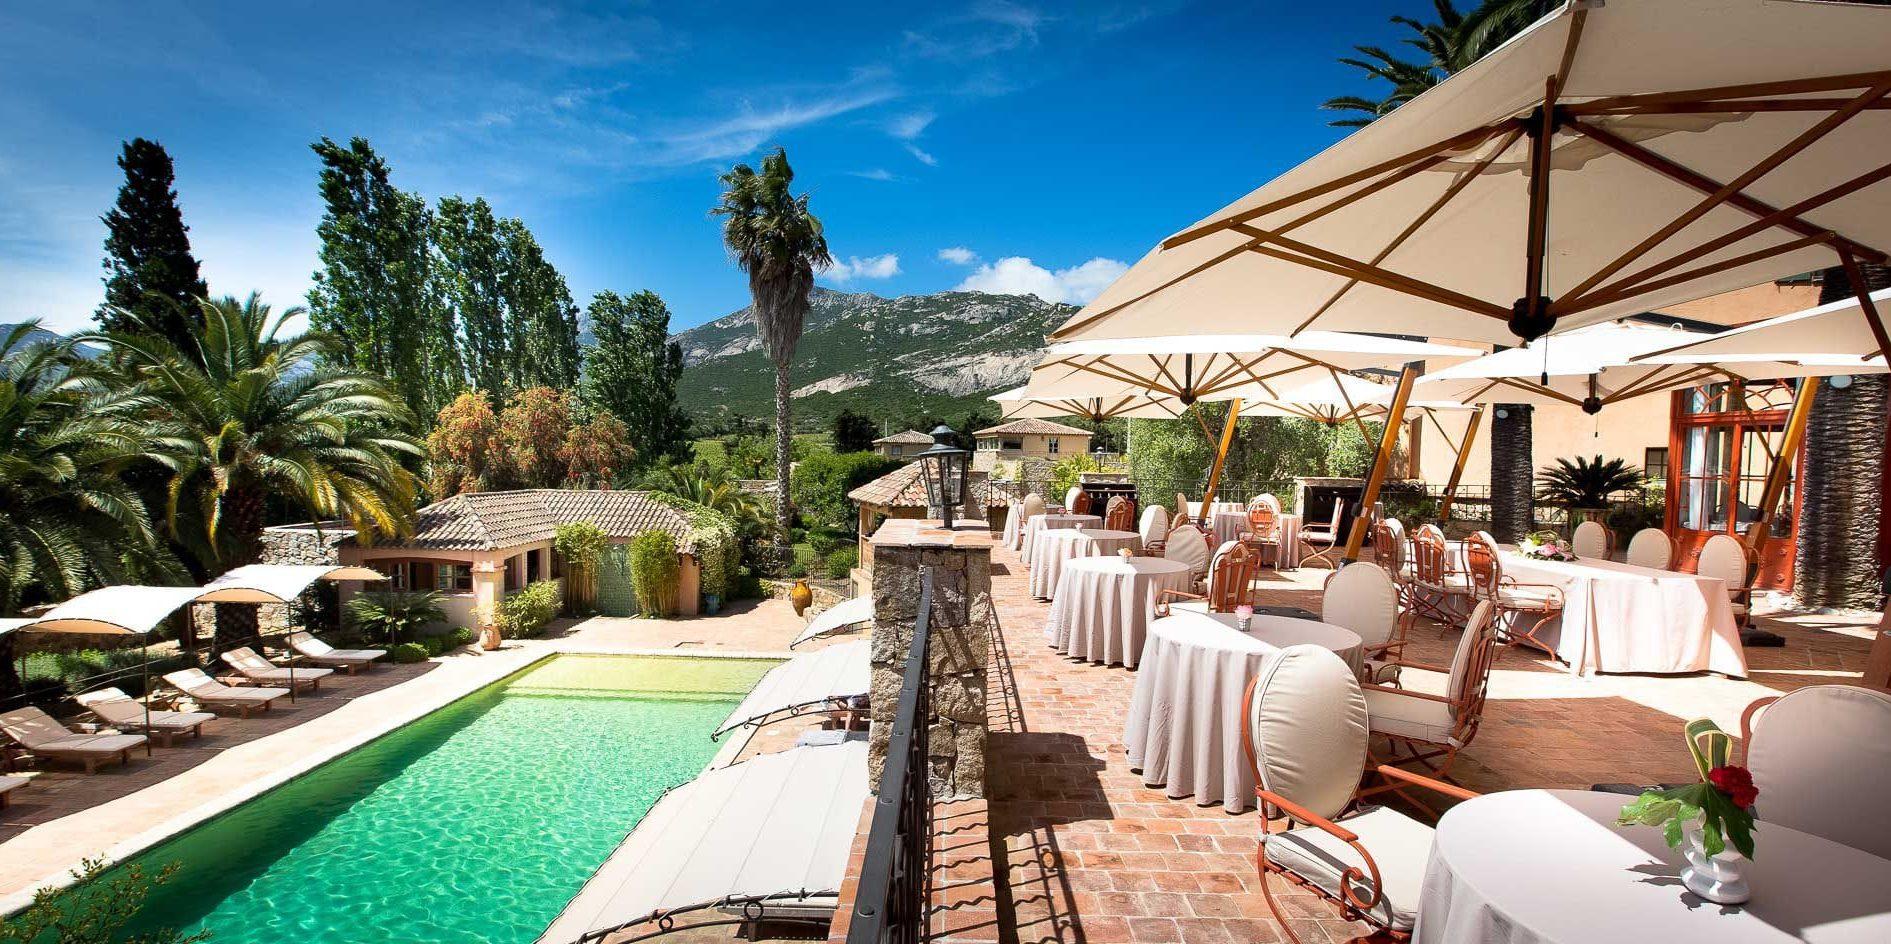 Hotel La Signoria Calvi Balagne Corsica Frankrijk terras parasols zwembad park bergen